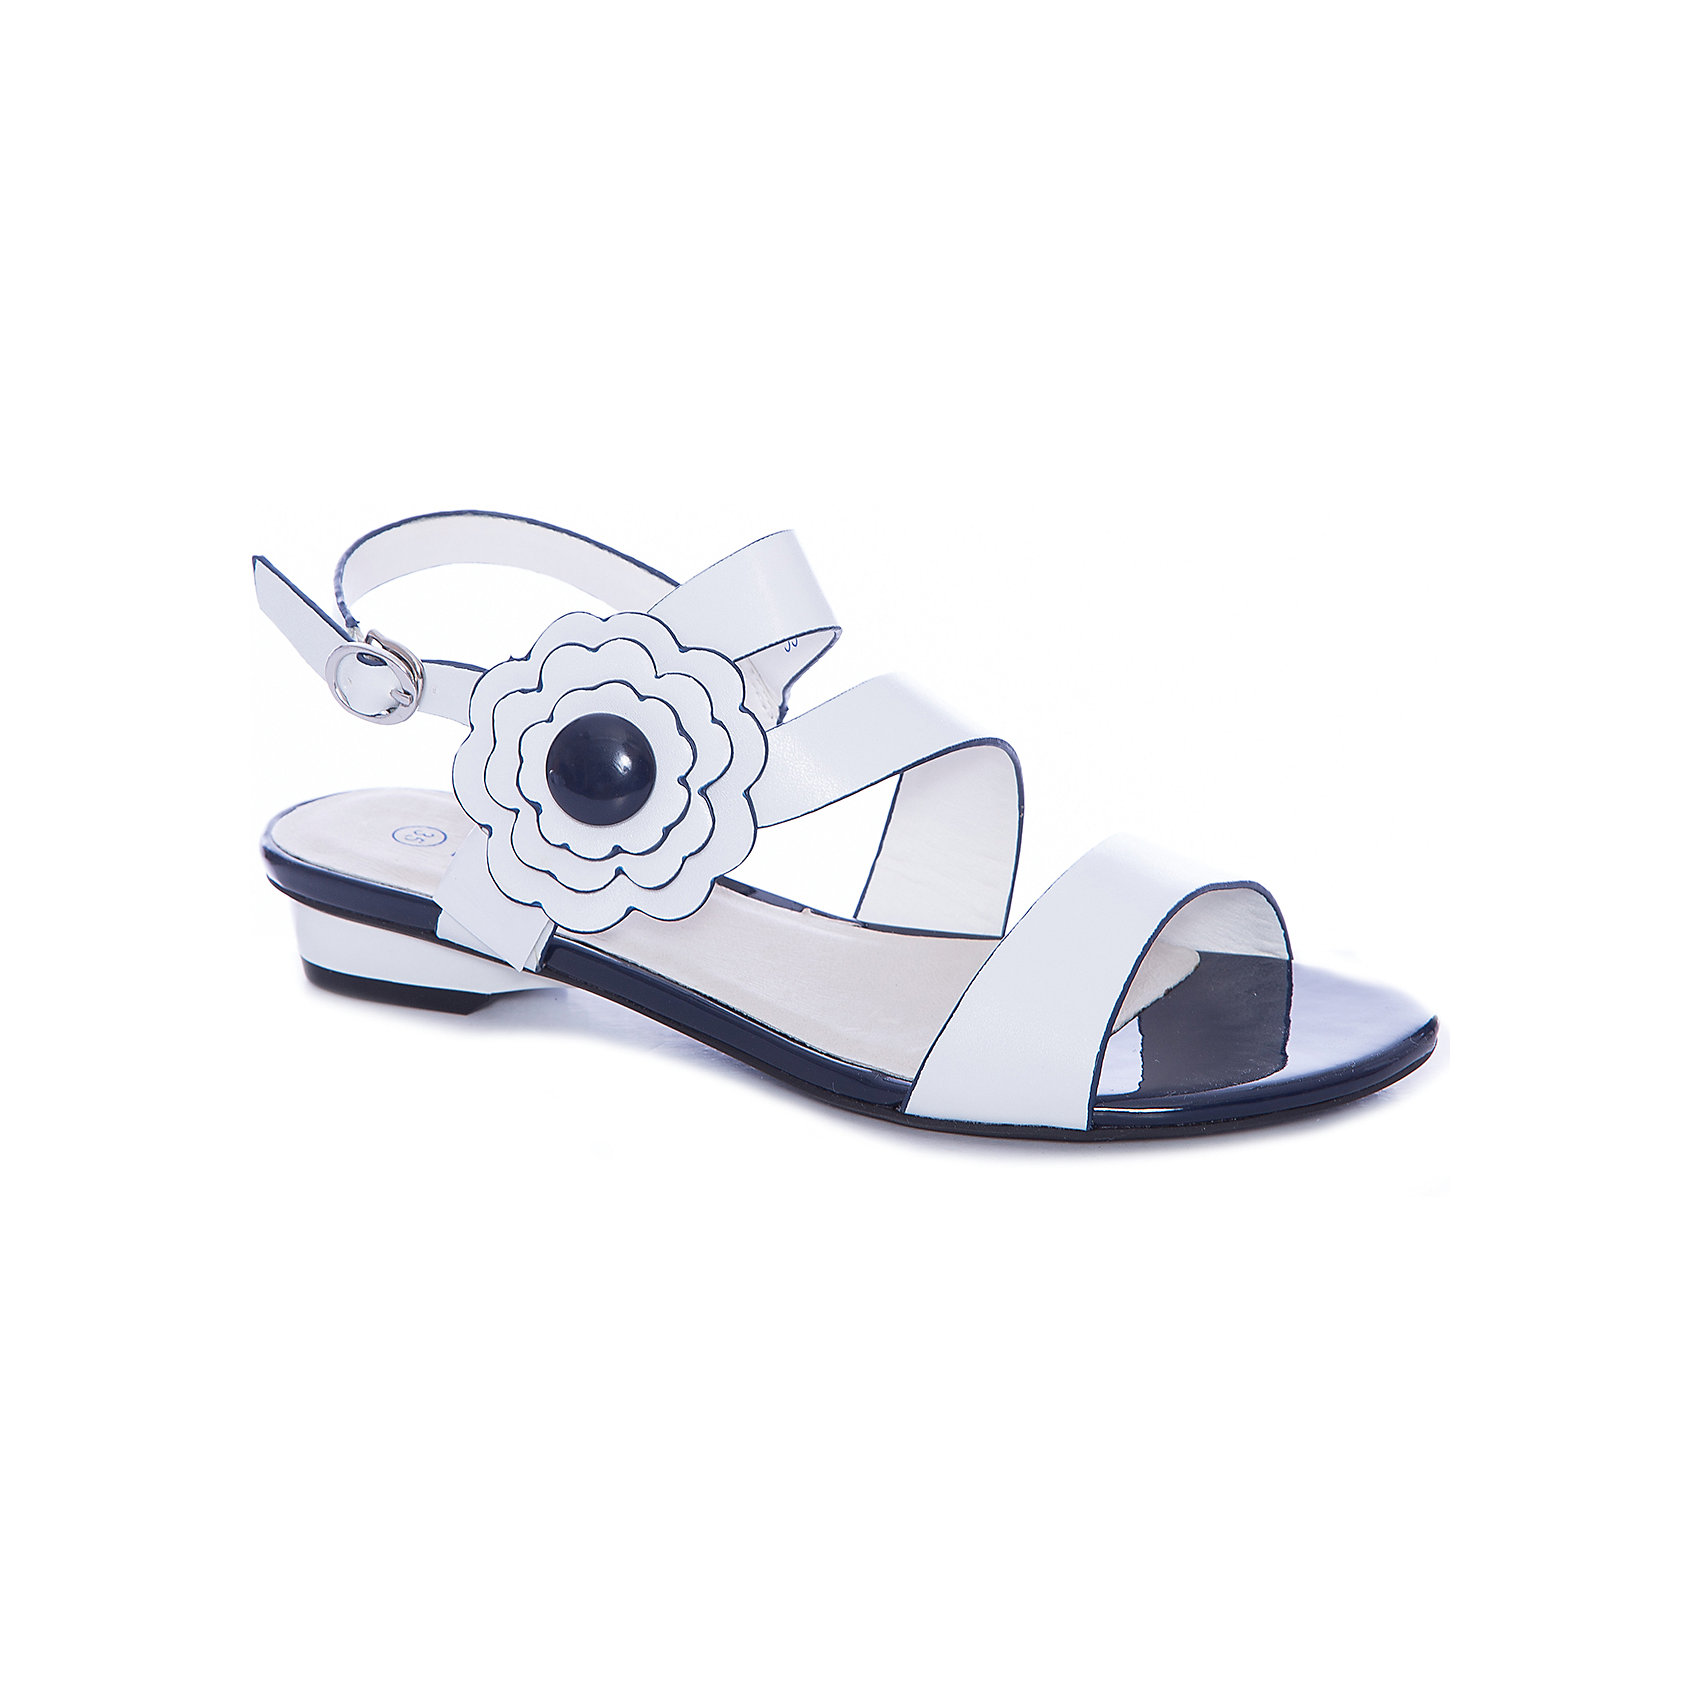 Босоножки для девочки MURSUОбувь<br>Компания Mursu (Мурсу) создает потрясающую городскую обувь для детей, ценящих стиль и комфорт. В дизайне босоножек Mursu (Мурсу) проявляется романтический стиль их обладательницы! Открытый носок, переплетение ремешков и брошь с изящным цветком делают сандалии очень привлекательными. Они отлично подойдут и к платью и к шортам. Стелька из натуральной кожи создает оптимальный микроклимат для ножки девочки. Одевать босоножки невероятно легко, удобный регулируемый ремешок позволит зафиксировать ножку девочки и не будет натирать. Босоножки Mursu (Мурсу) станут любимой летней обувью девочки!<br><br>Дополнительная информация:<br><br>- Сезон: лето;<br>- Стелька: натуральная кожа;<br>- Материал верха: искусственная кожа;     <br>- Подкладка: искусственная кожа;<br>- Материал подошвы: TPR;                                                                                                                     <br>- Стильный дизайн.<br>                                                         <br>Босоножки для девочки Mursu (Мурсу) можно купить в нашем интернет-магазине.<br><br>Ширина мм: 227<br>Глубина мм: 145<br>Высота мм: 124<br>Вес г: 325<br>Цвет: белый<br>Возраст от месяцев: 132<br>Возраст до месяцев: 144<br>Пол: Женский<br>Возраст: Детский<br>Размер: 35,36,33,37,32,34<br>SKU: 4022702